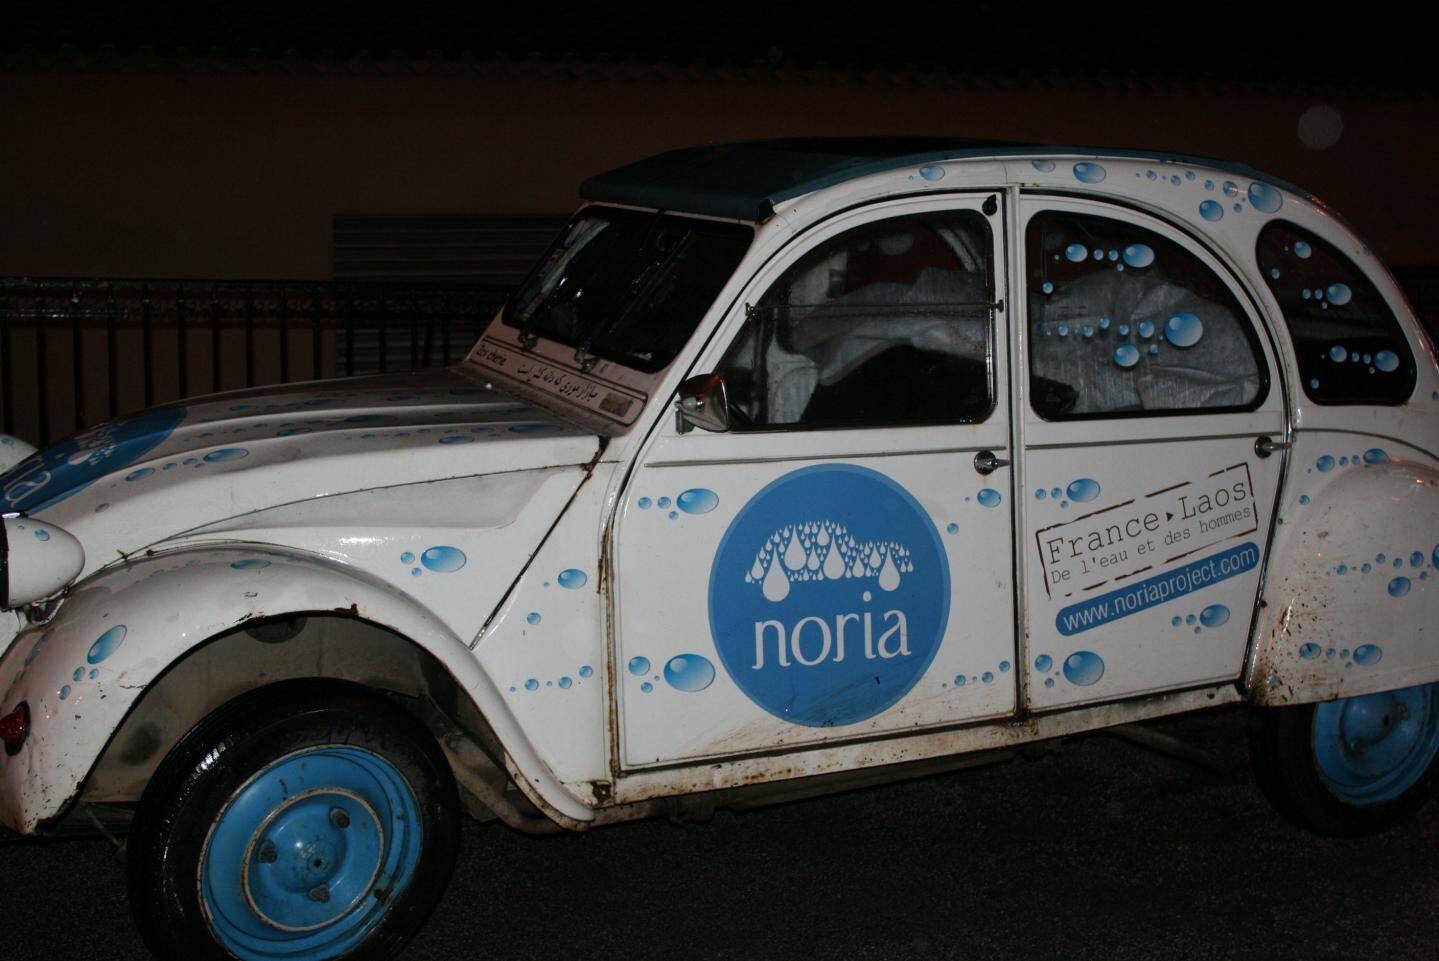 « Rustine  », la voiture qui a effectué les 35 000 km, était l'une des vedettes de la soirée.